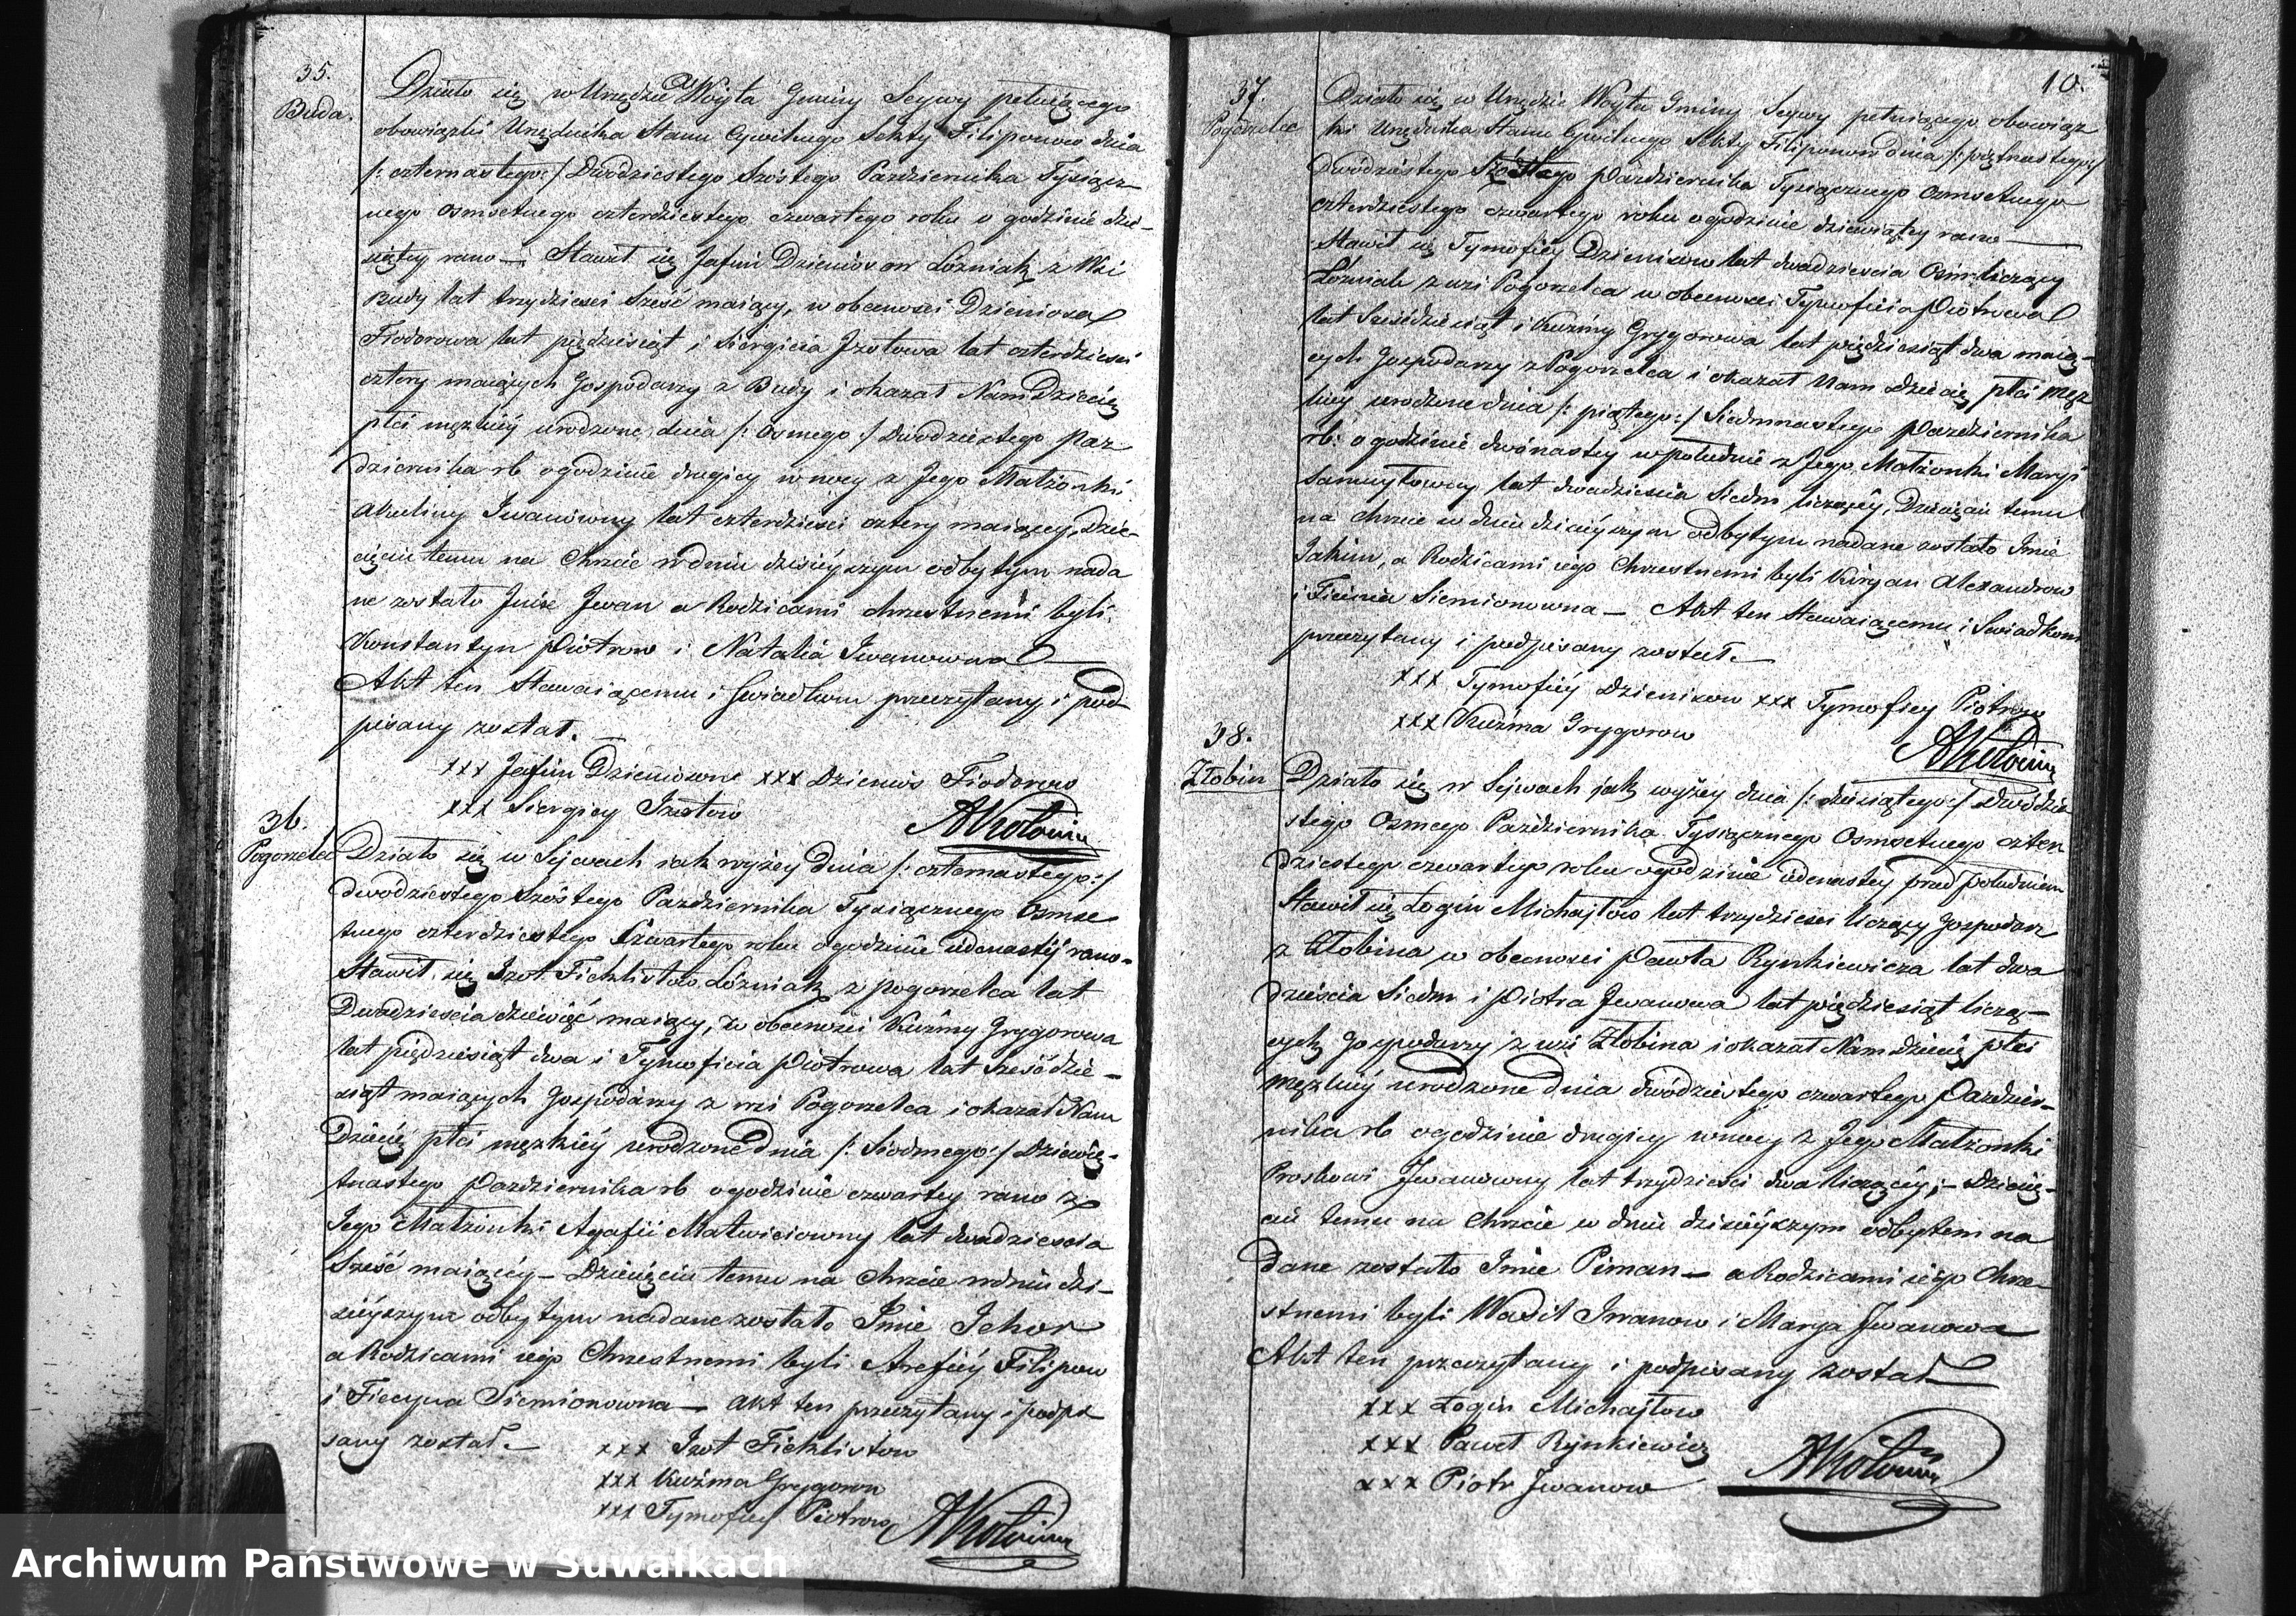 Skan z jednostki: Duplikat Aktu Urodzonych, Zmarłych i Zaślubionych Sekty Filiponów w Gminie Sejwy Powiecie Sejneńskim, Gubernii Augustowskiej za Rok 1844